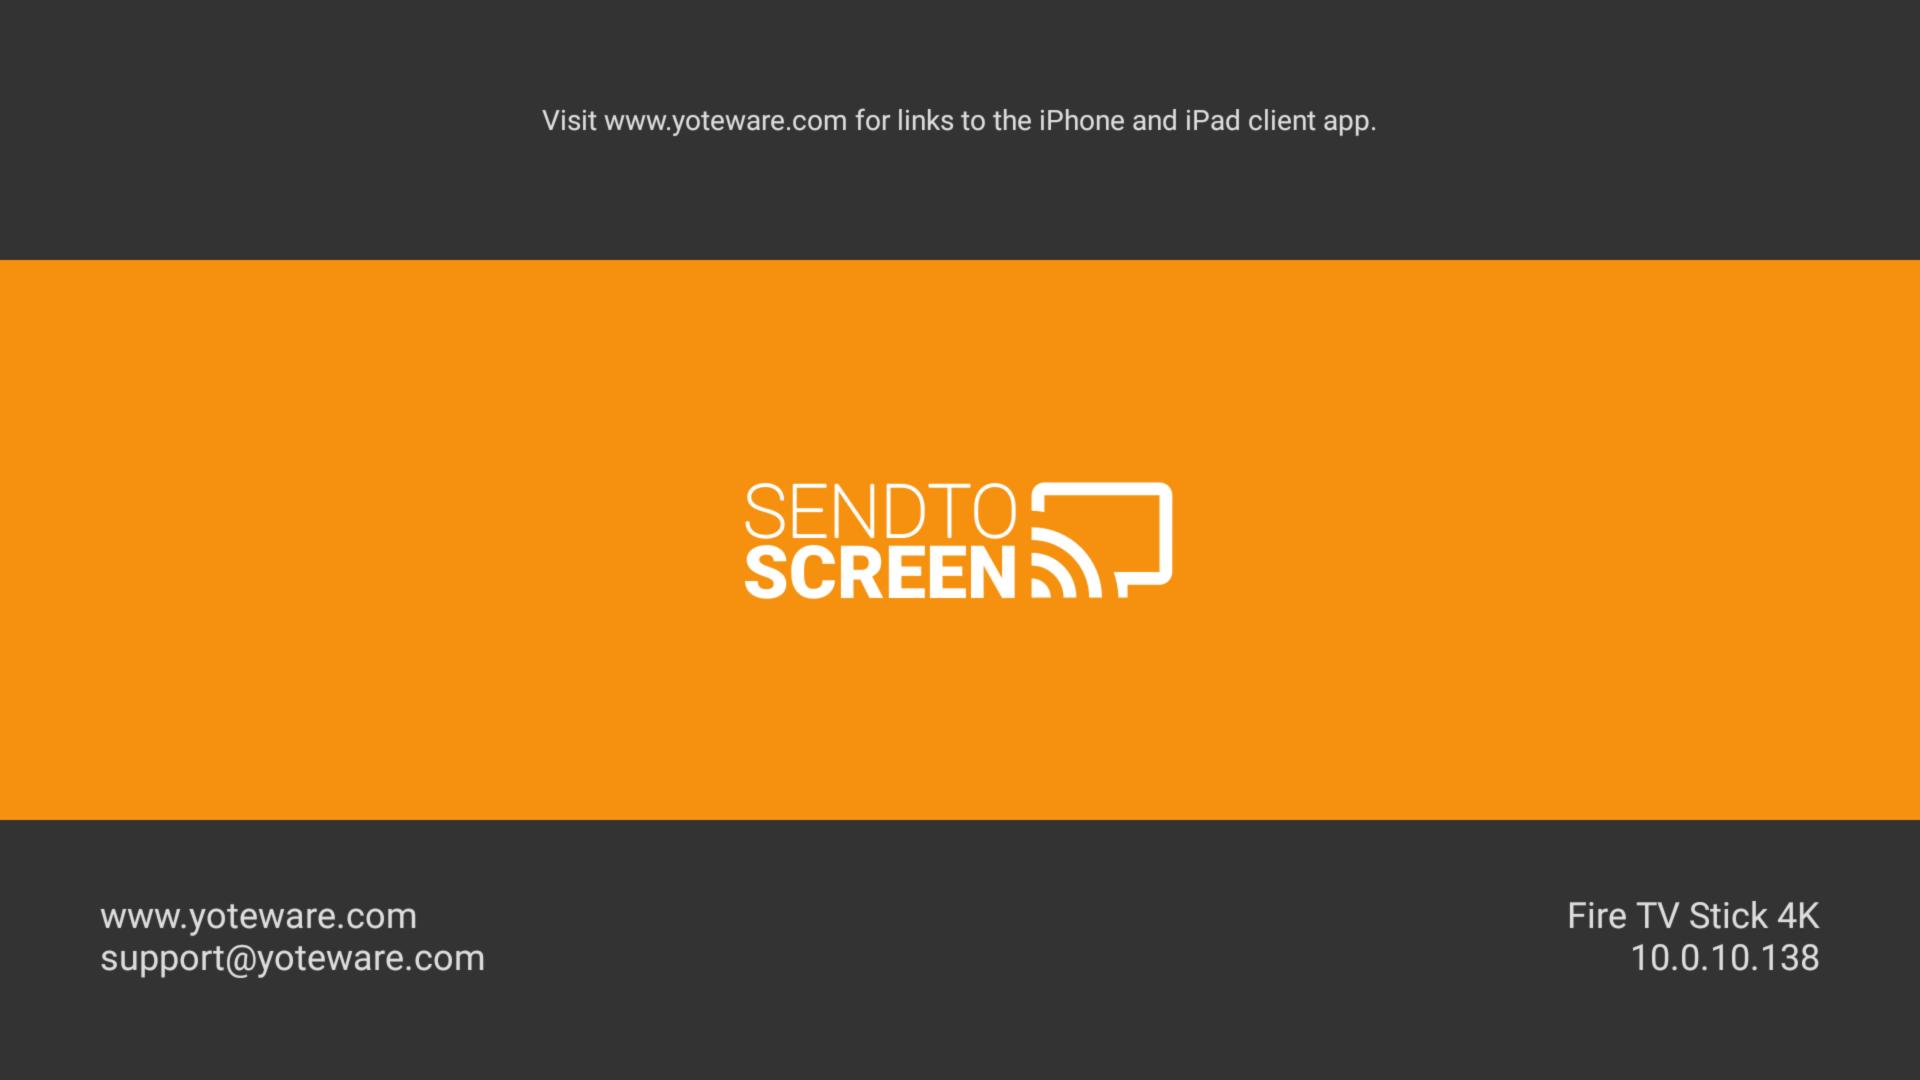 SendToScreen for Fire TV